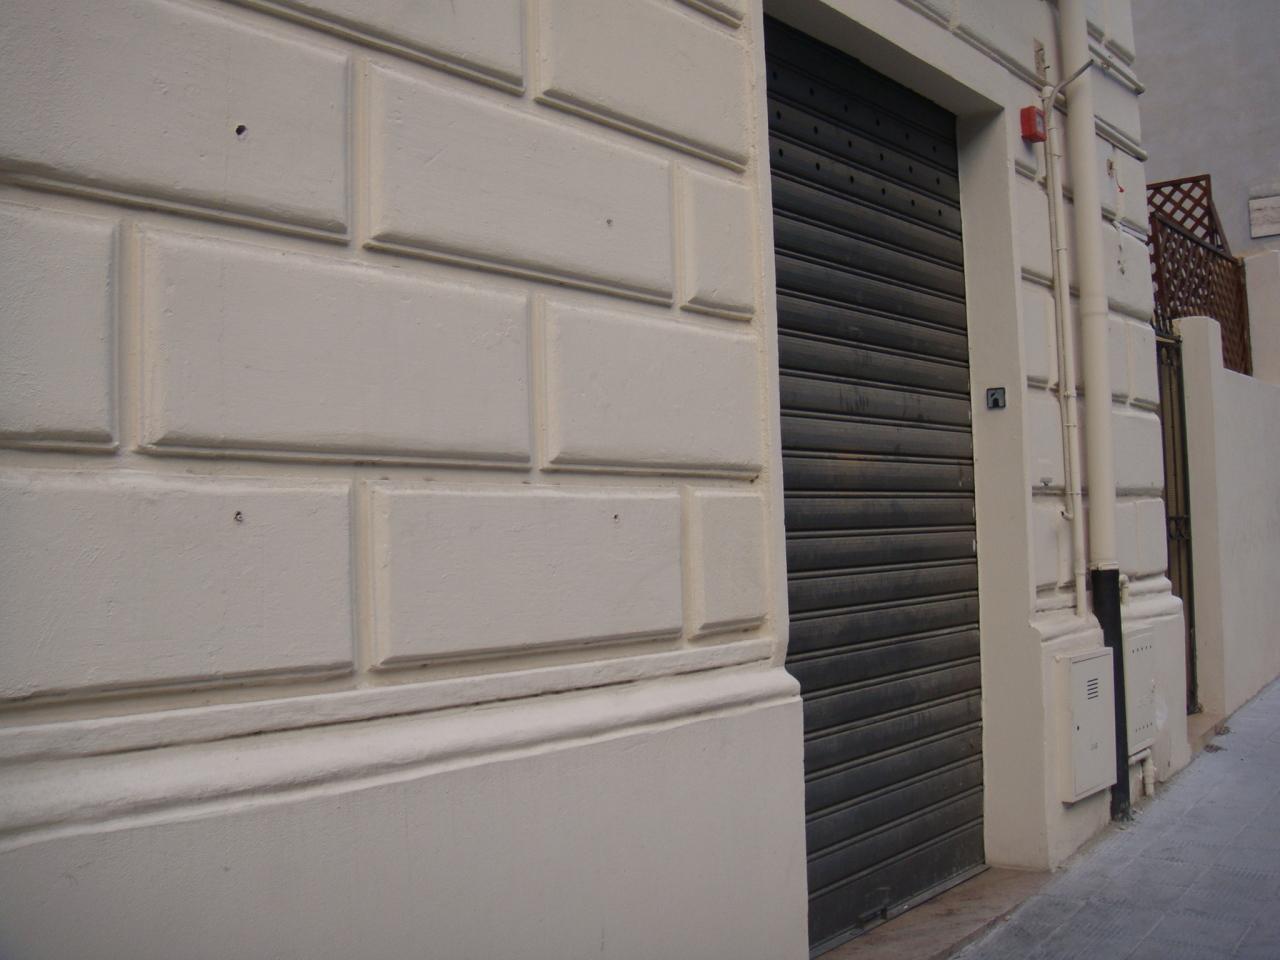 Magazzino in affitto a Reggio Calabria, 2 locali, prezzo € 450 | Cambio Casa.it